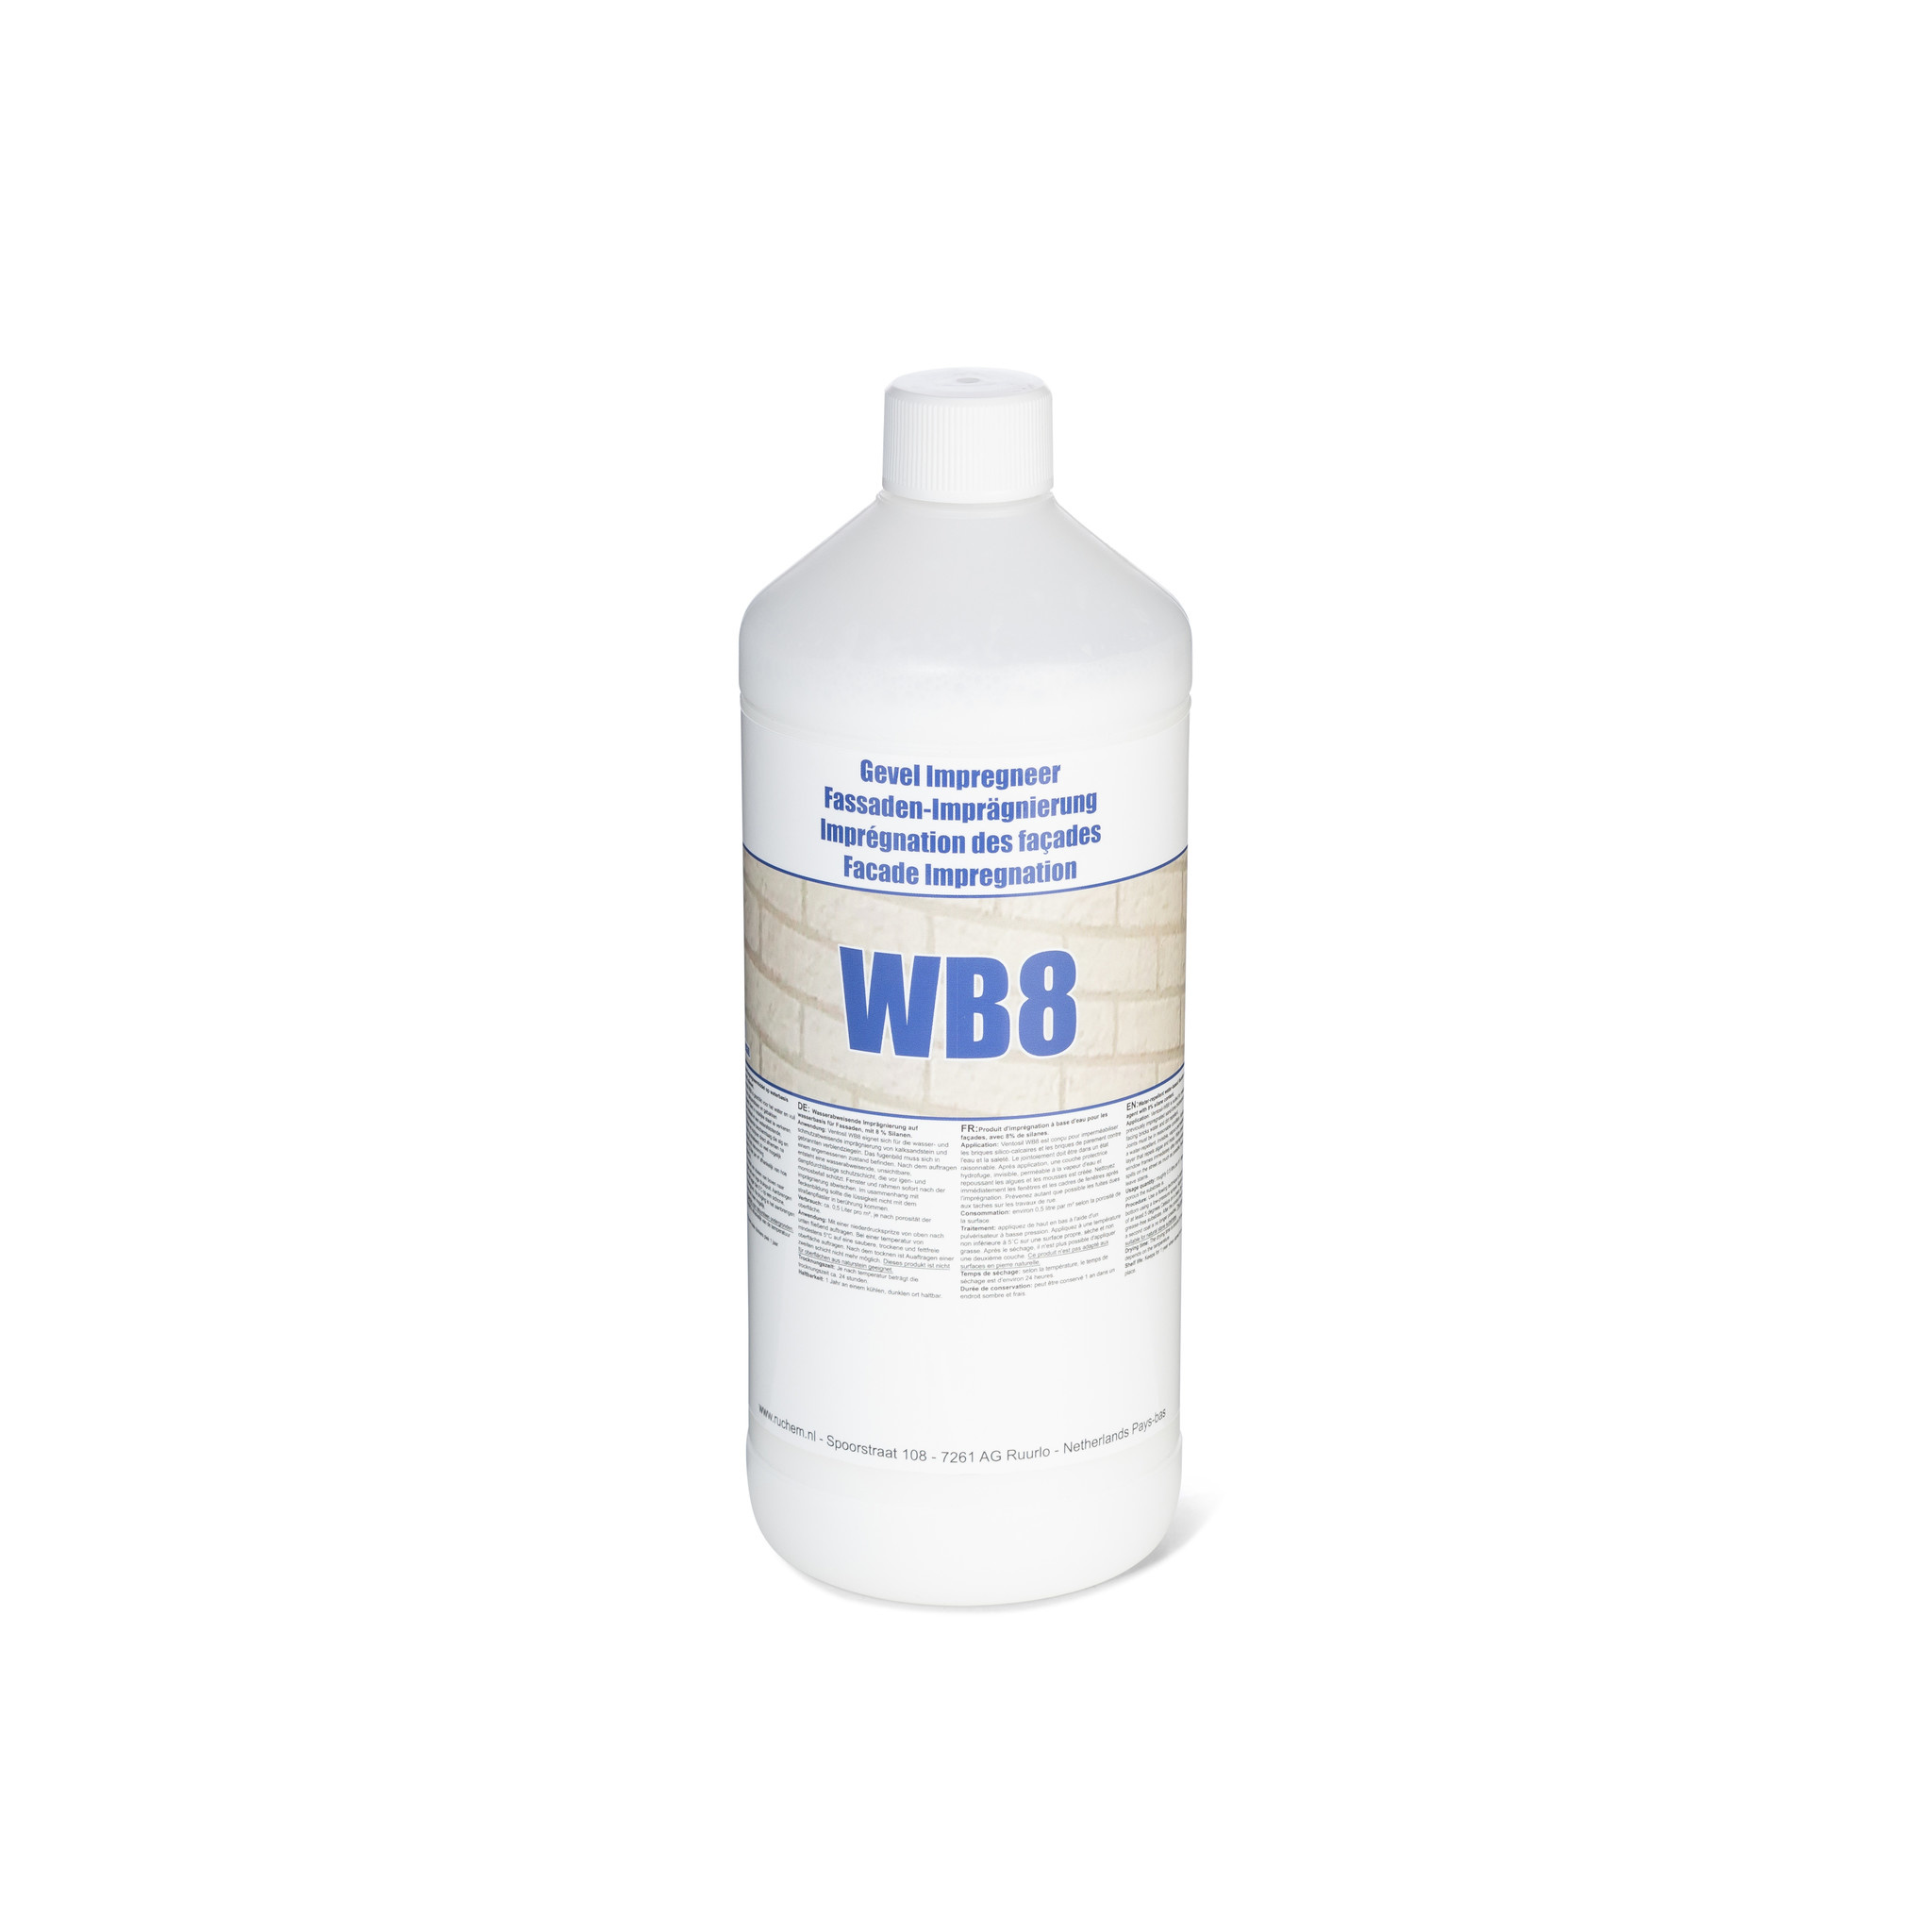 WB8 gevelimpregneer spuit